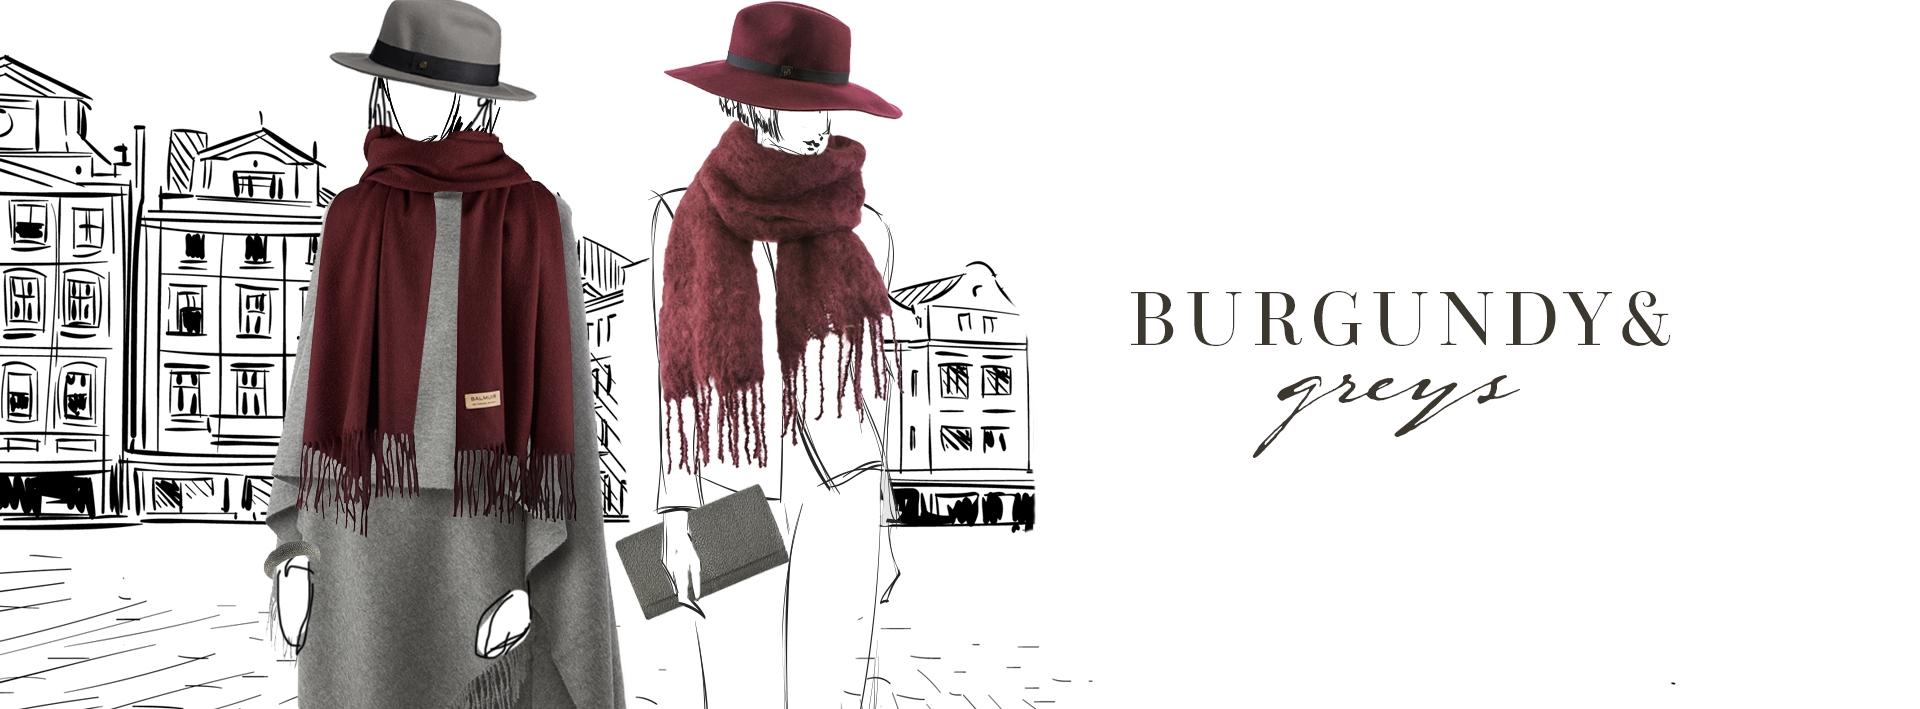 Burgundy & Greys